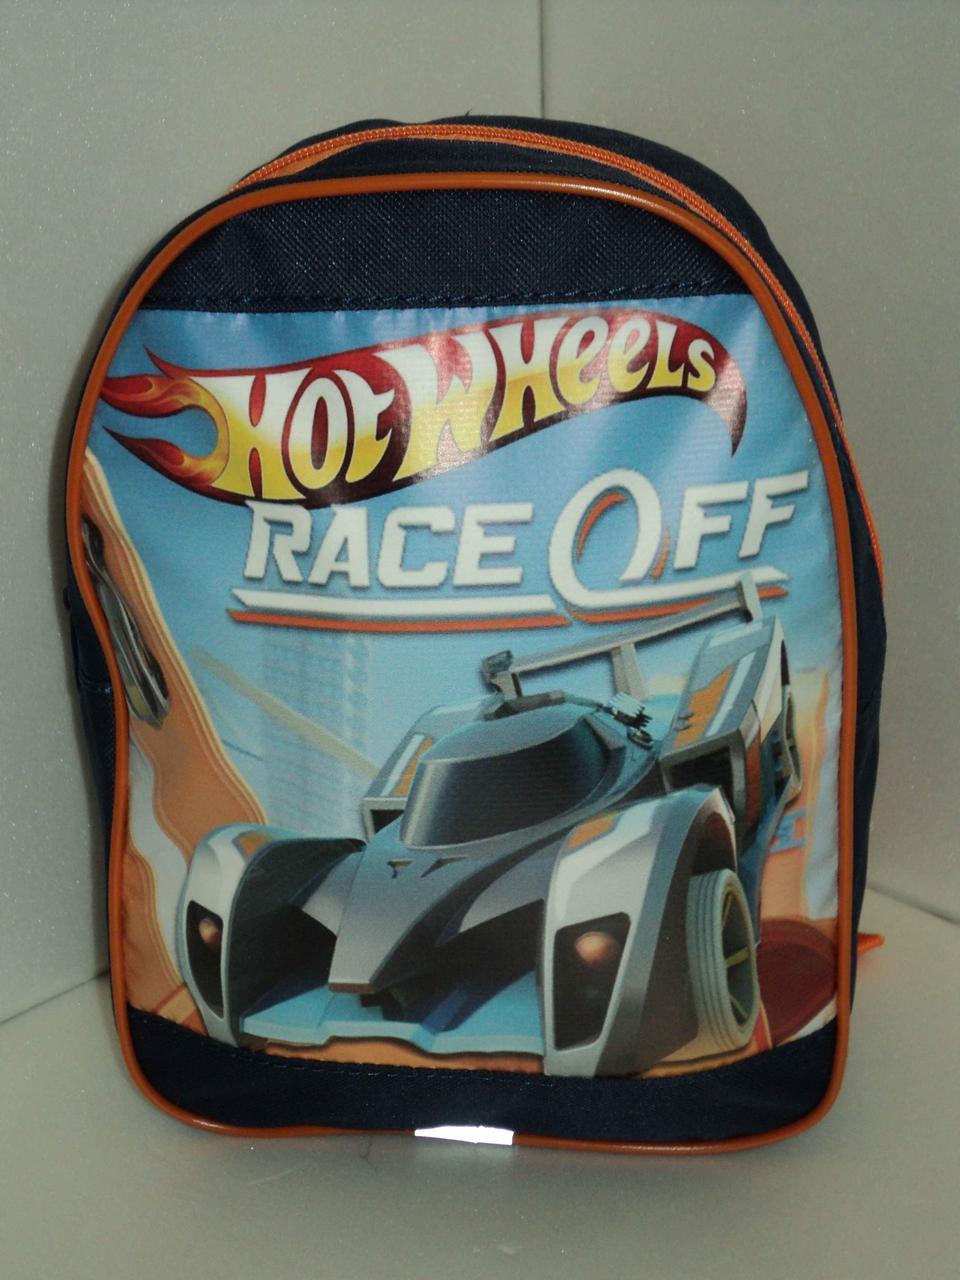 Рюкзак для мальчика Хотвилс. Копия